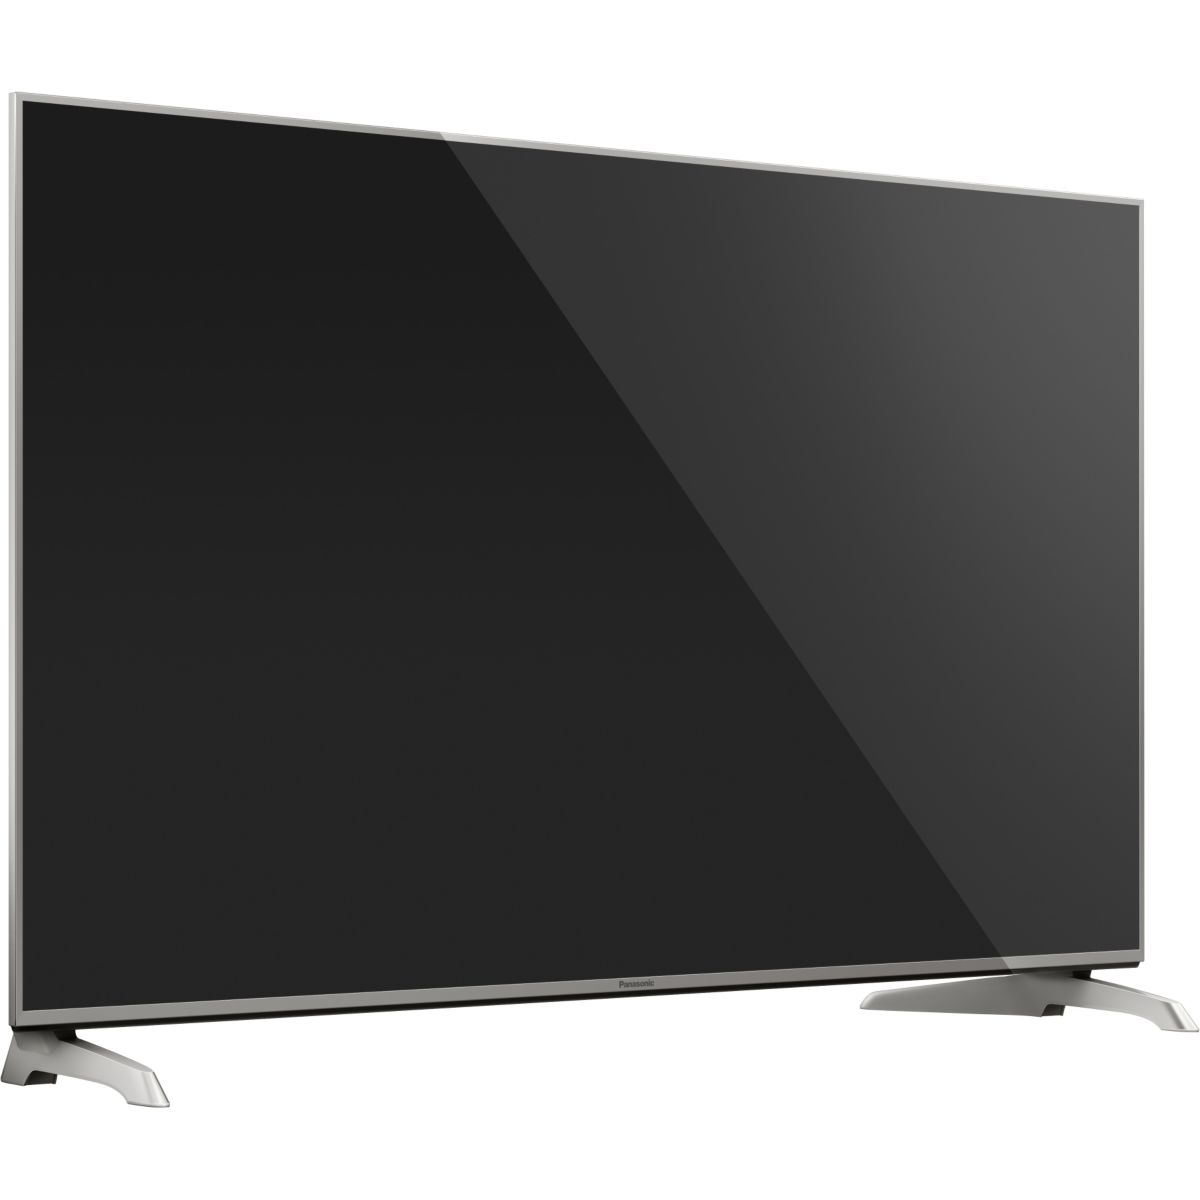 panasonic tx 40dxe720 t l viseur led 102 cm 4k comparer avec. Black Bedroom Furniture Sets. Home Design Ideas